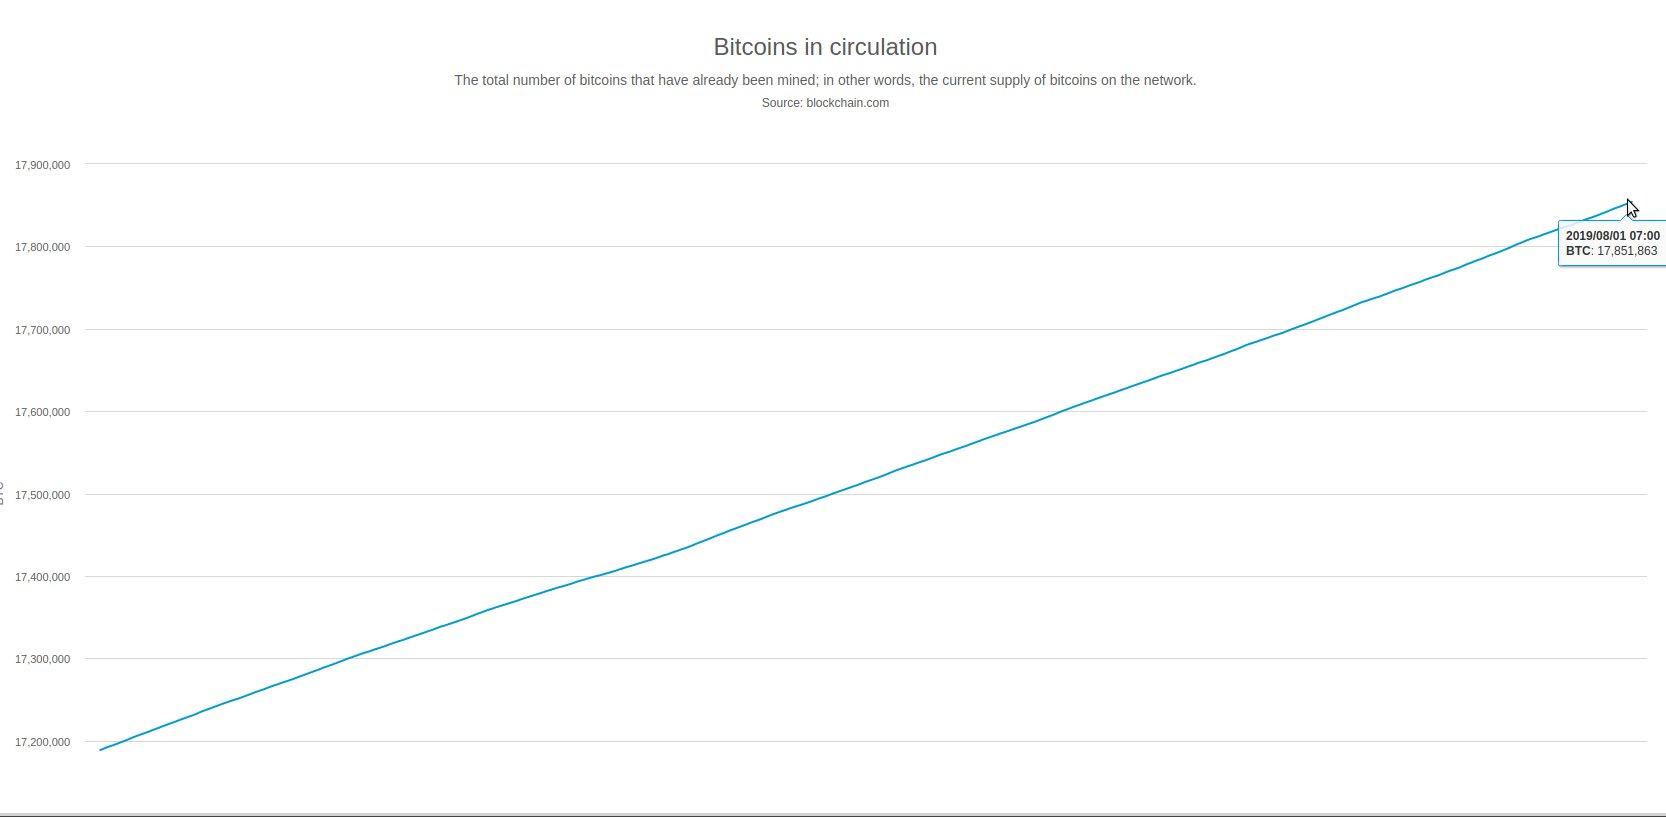 Anzahl Bitcoins: Exakt am 1. August waren 85% aller möglichen Bitcoins abgebaut